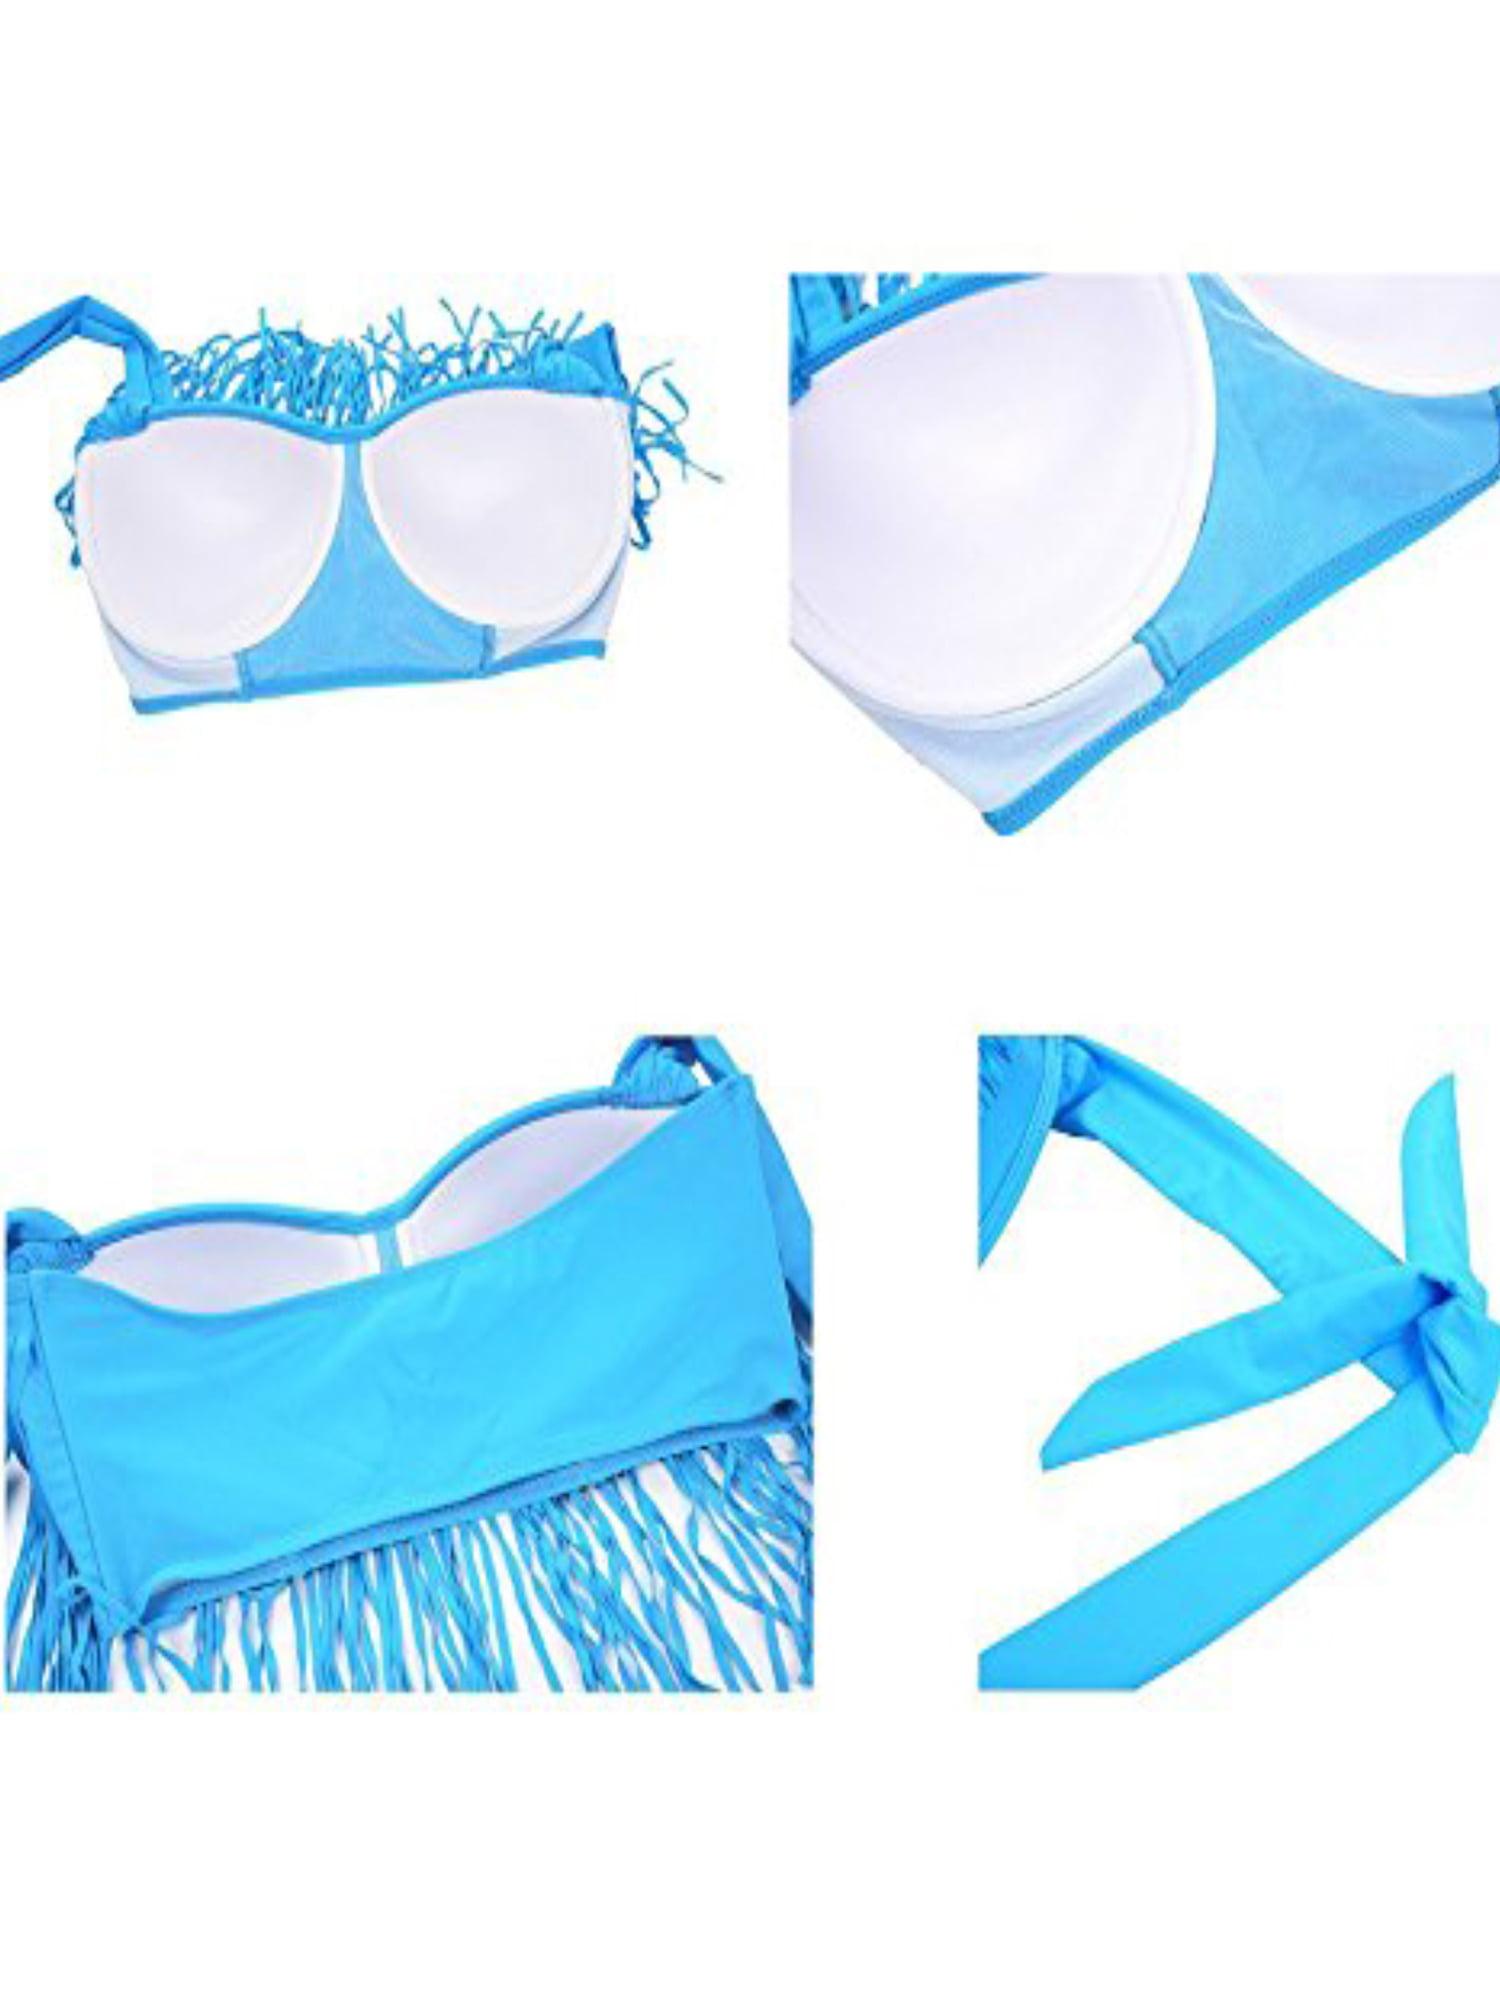 7901ecb3254fc Lelinta - LELINTA Women s Two Piece Braided Fringe Top High Waist Bottoms  Bikini Set Swimwear Plus Size Swimsuit Black Blue Red - Walmart.com